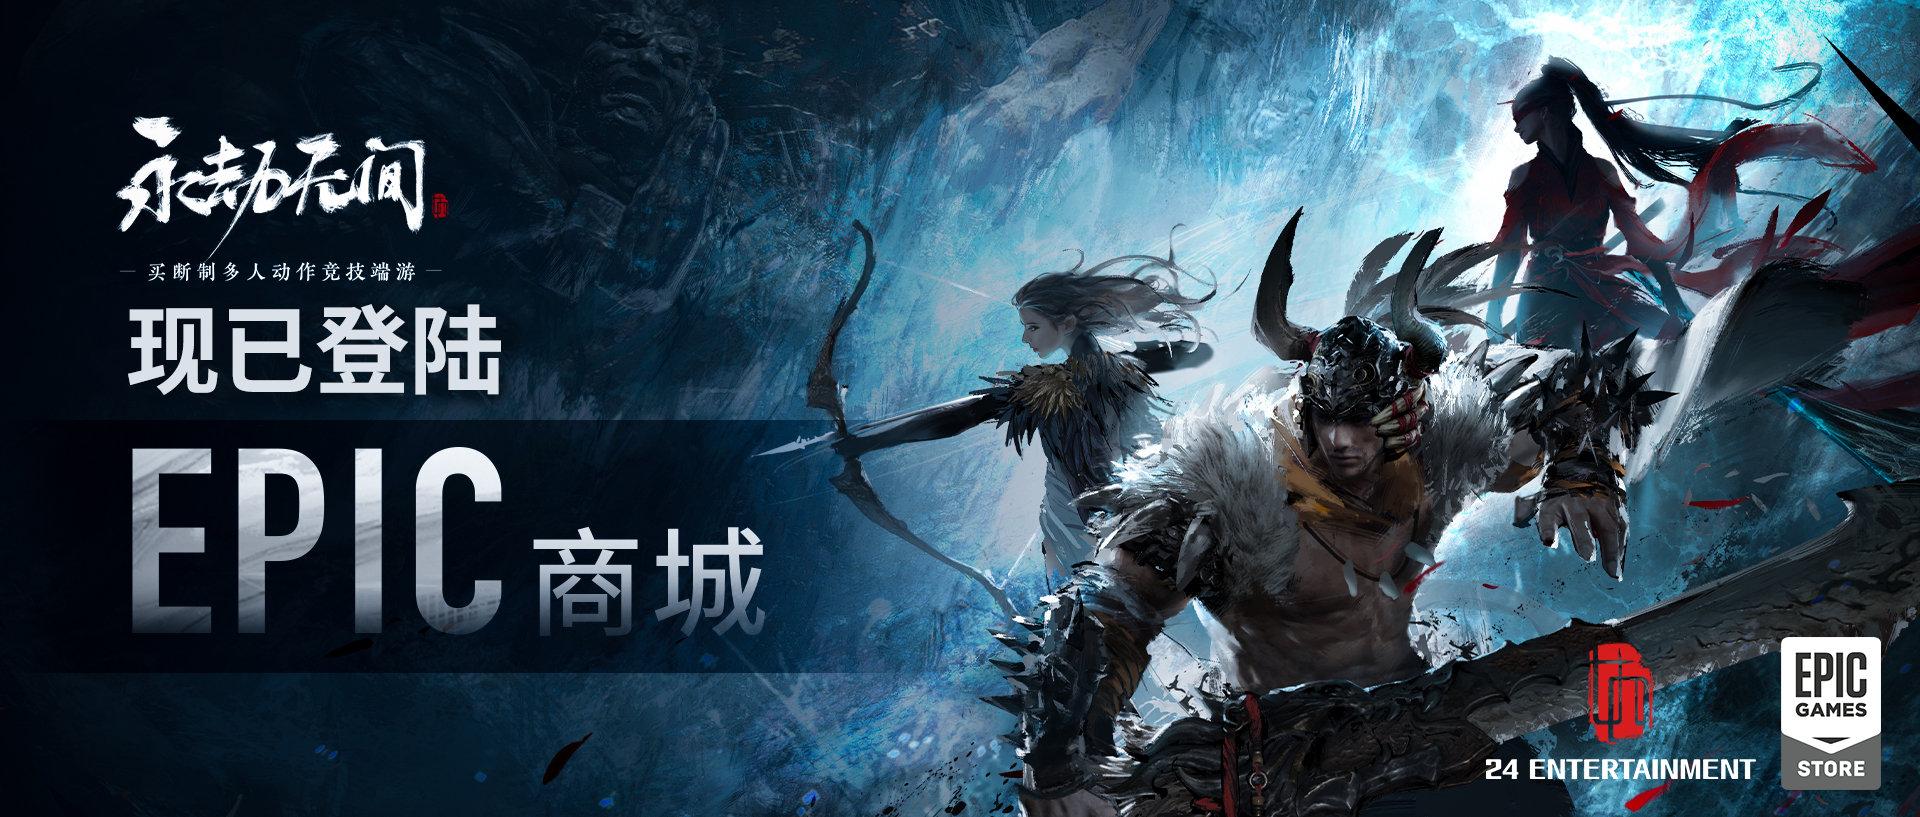 《优盈平台时无间》登岸Epic 7月8日优盈平台测 98元起 新兵器豪杰宣布